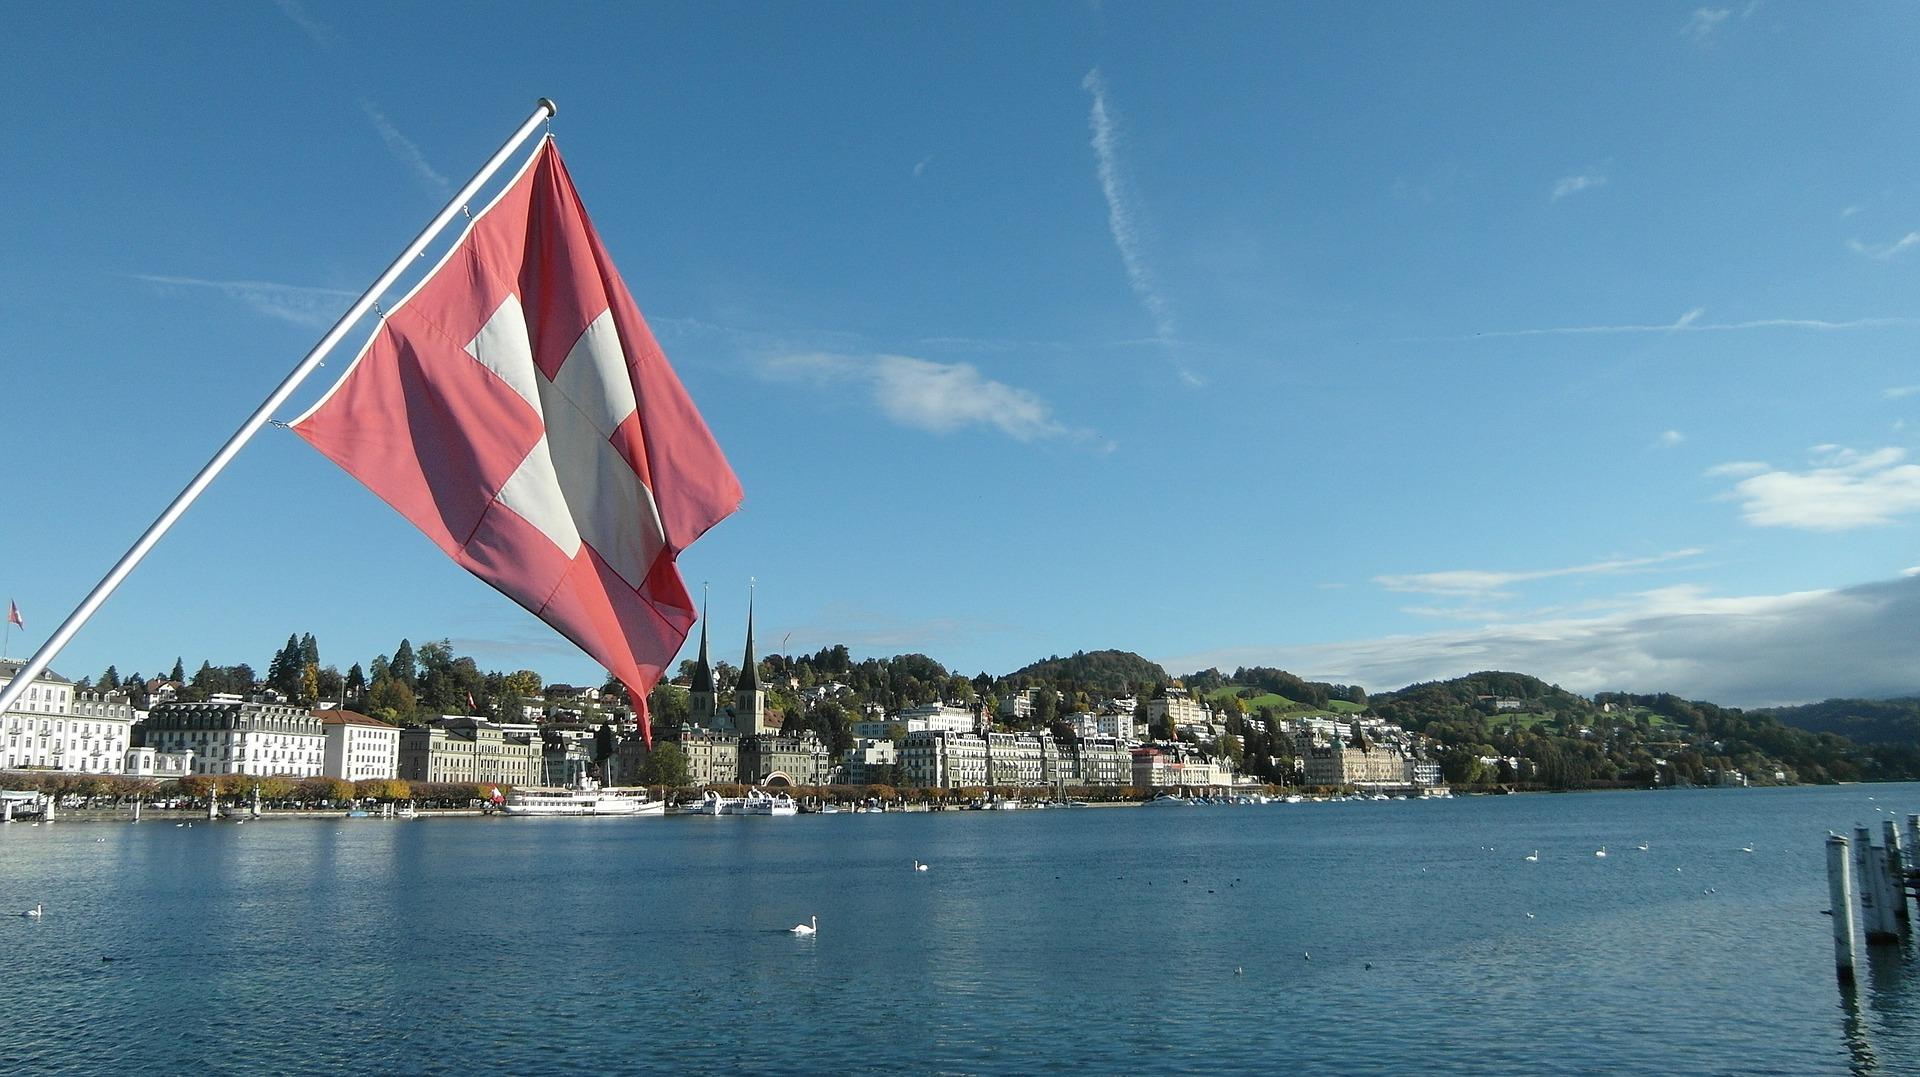 Švicarci na referendumu odbili prijedlog da švicarski zakon ima prednost nad međunarodnim